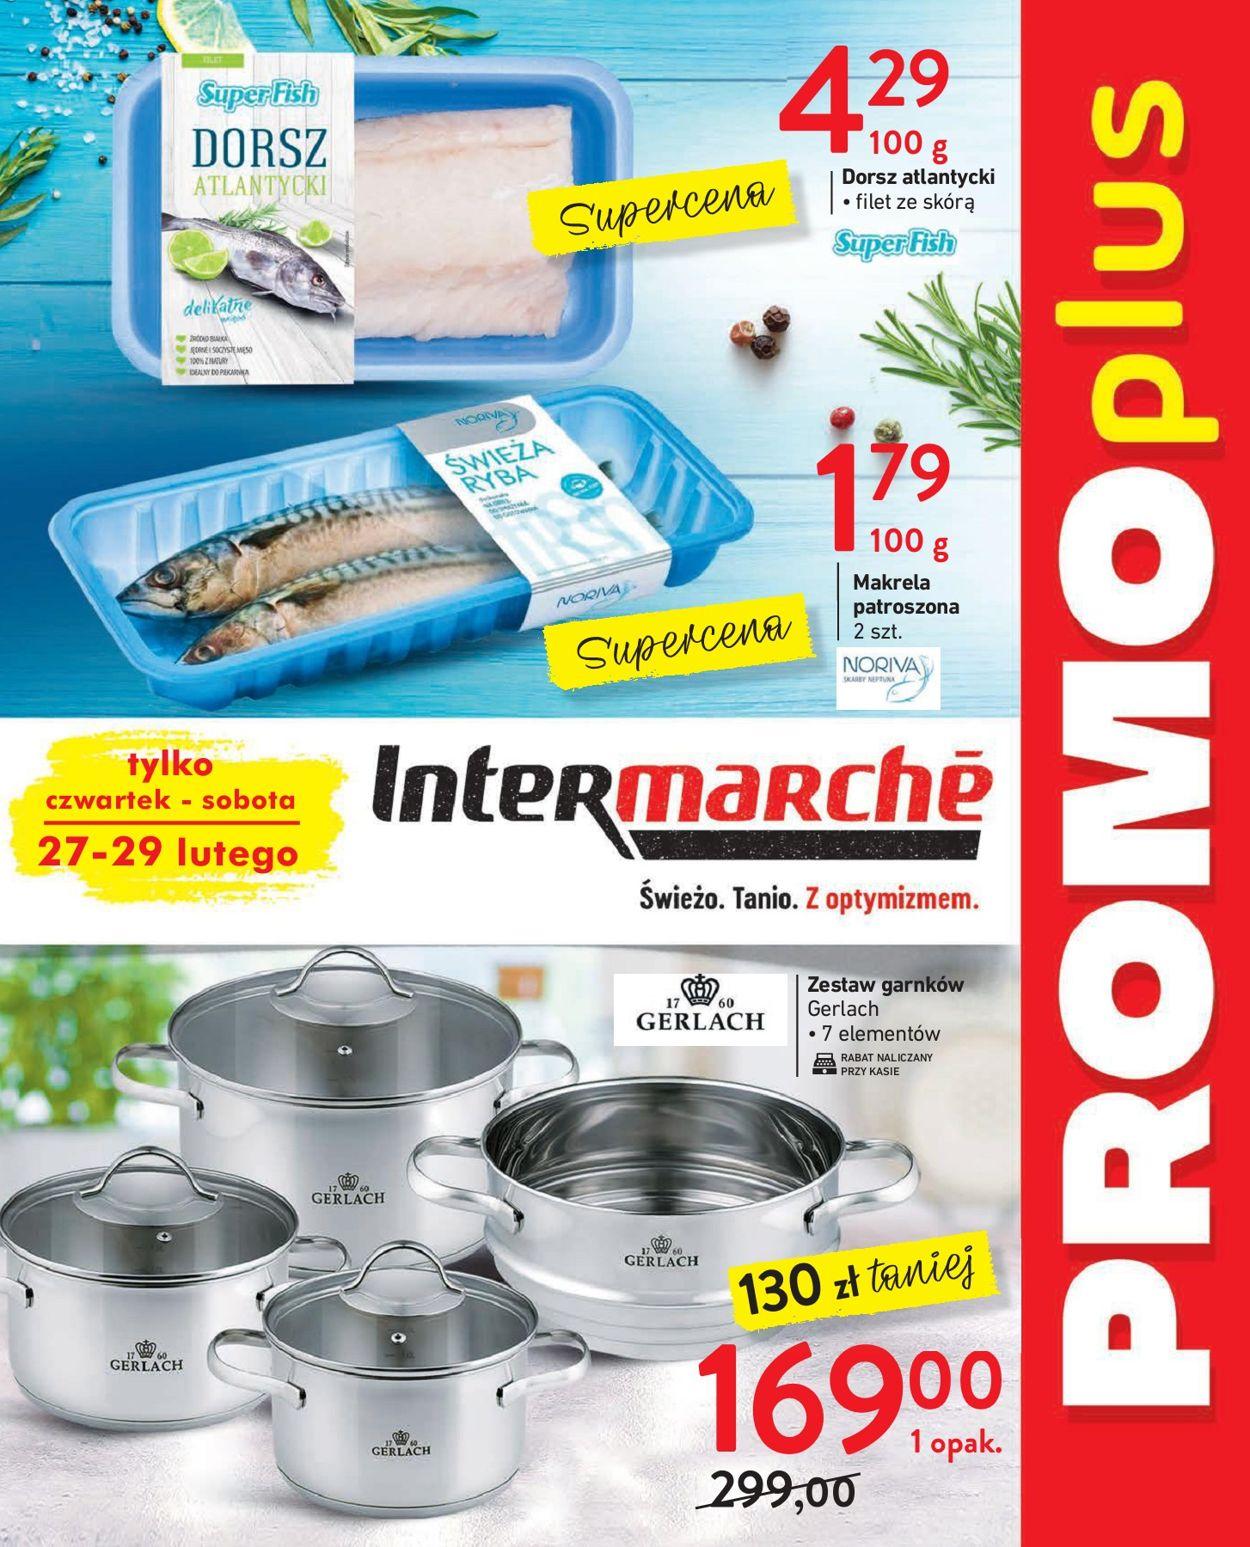 Gazetka promocyjna Intermarché - 27.02-29.02.2020